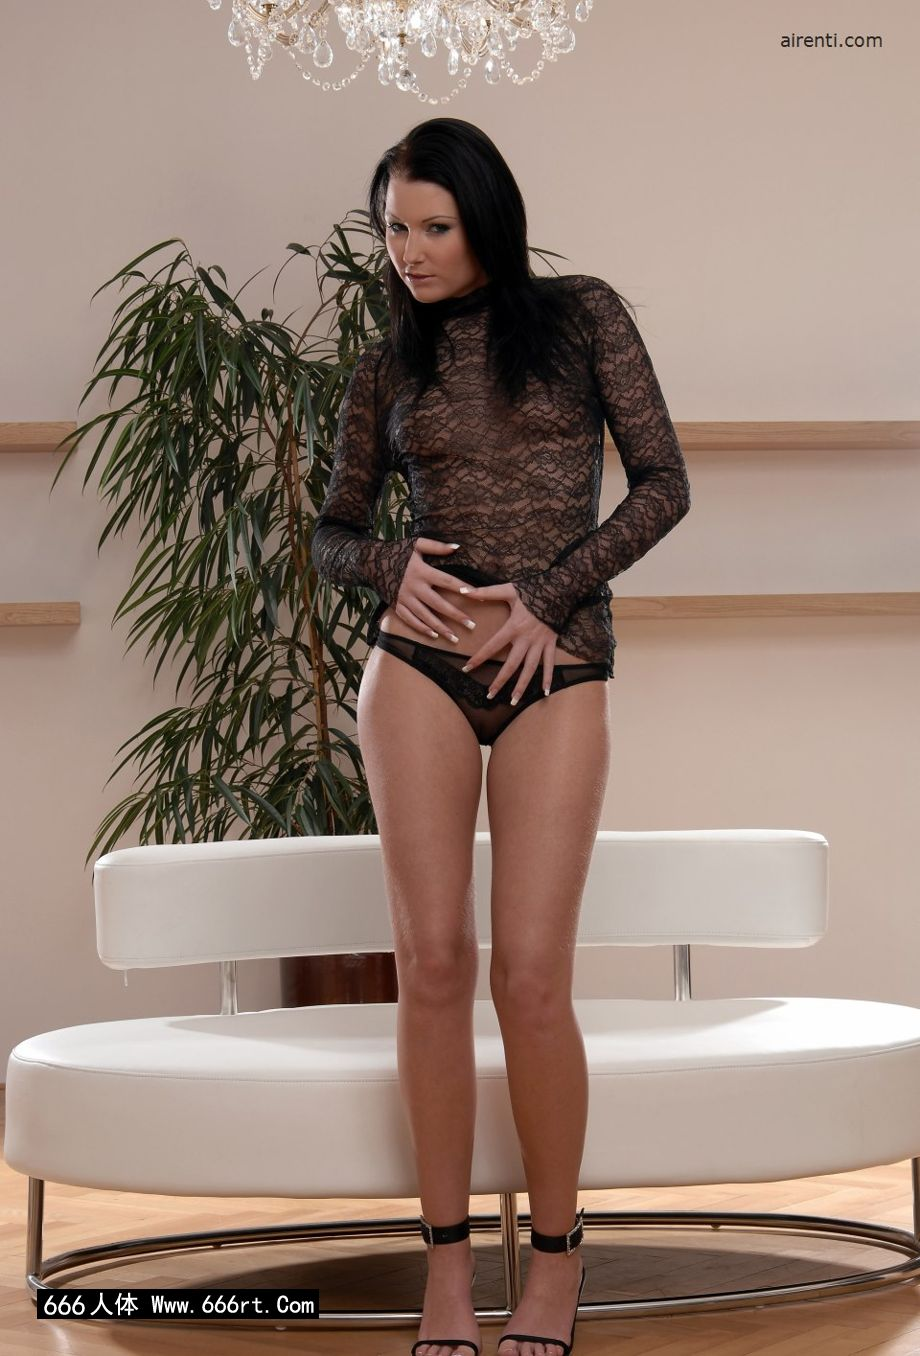 裸模Janet居家室拍透明情趣内裤写照